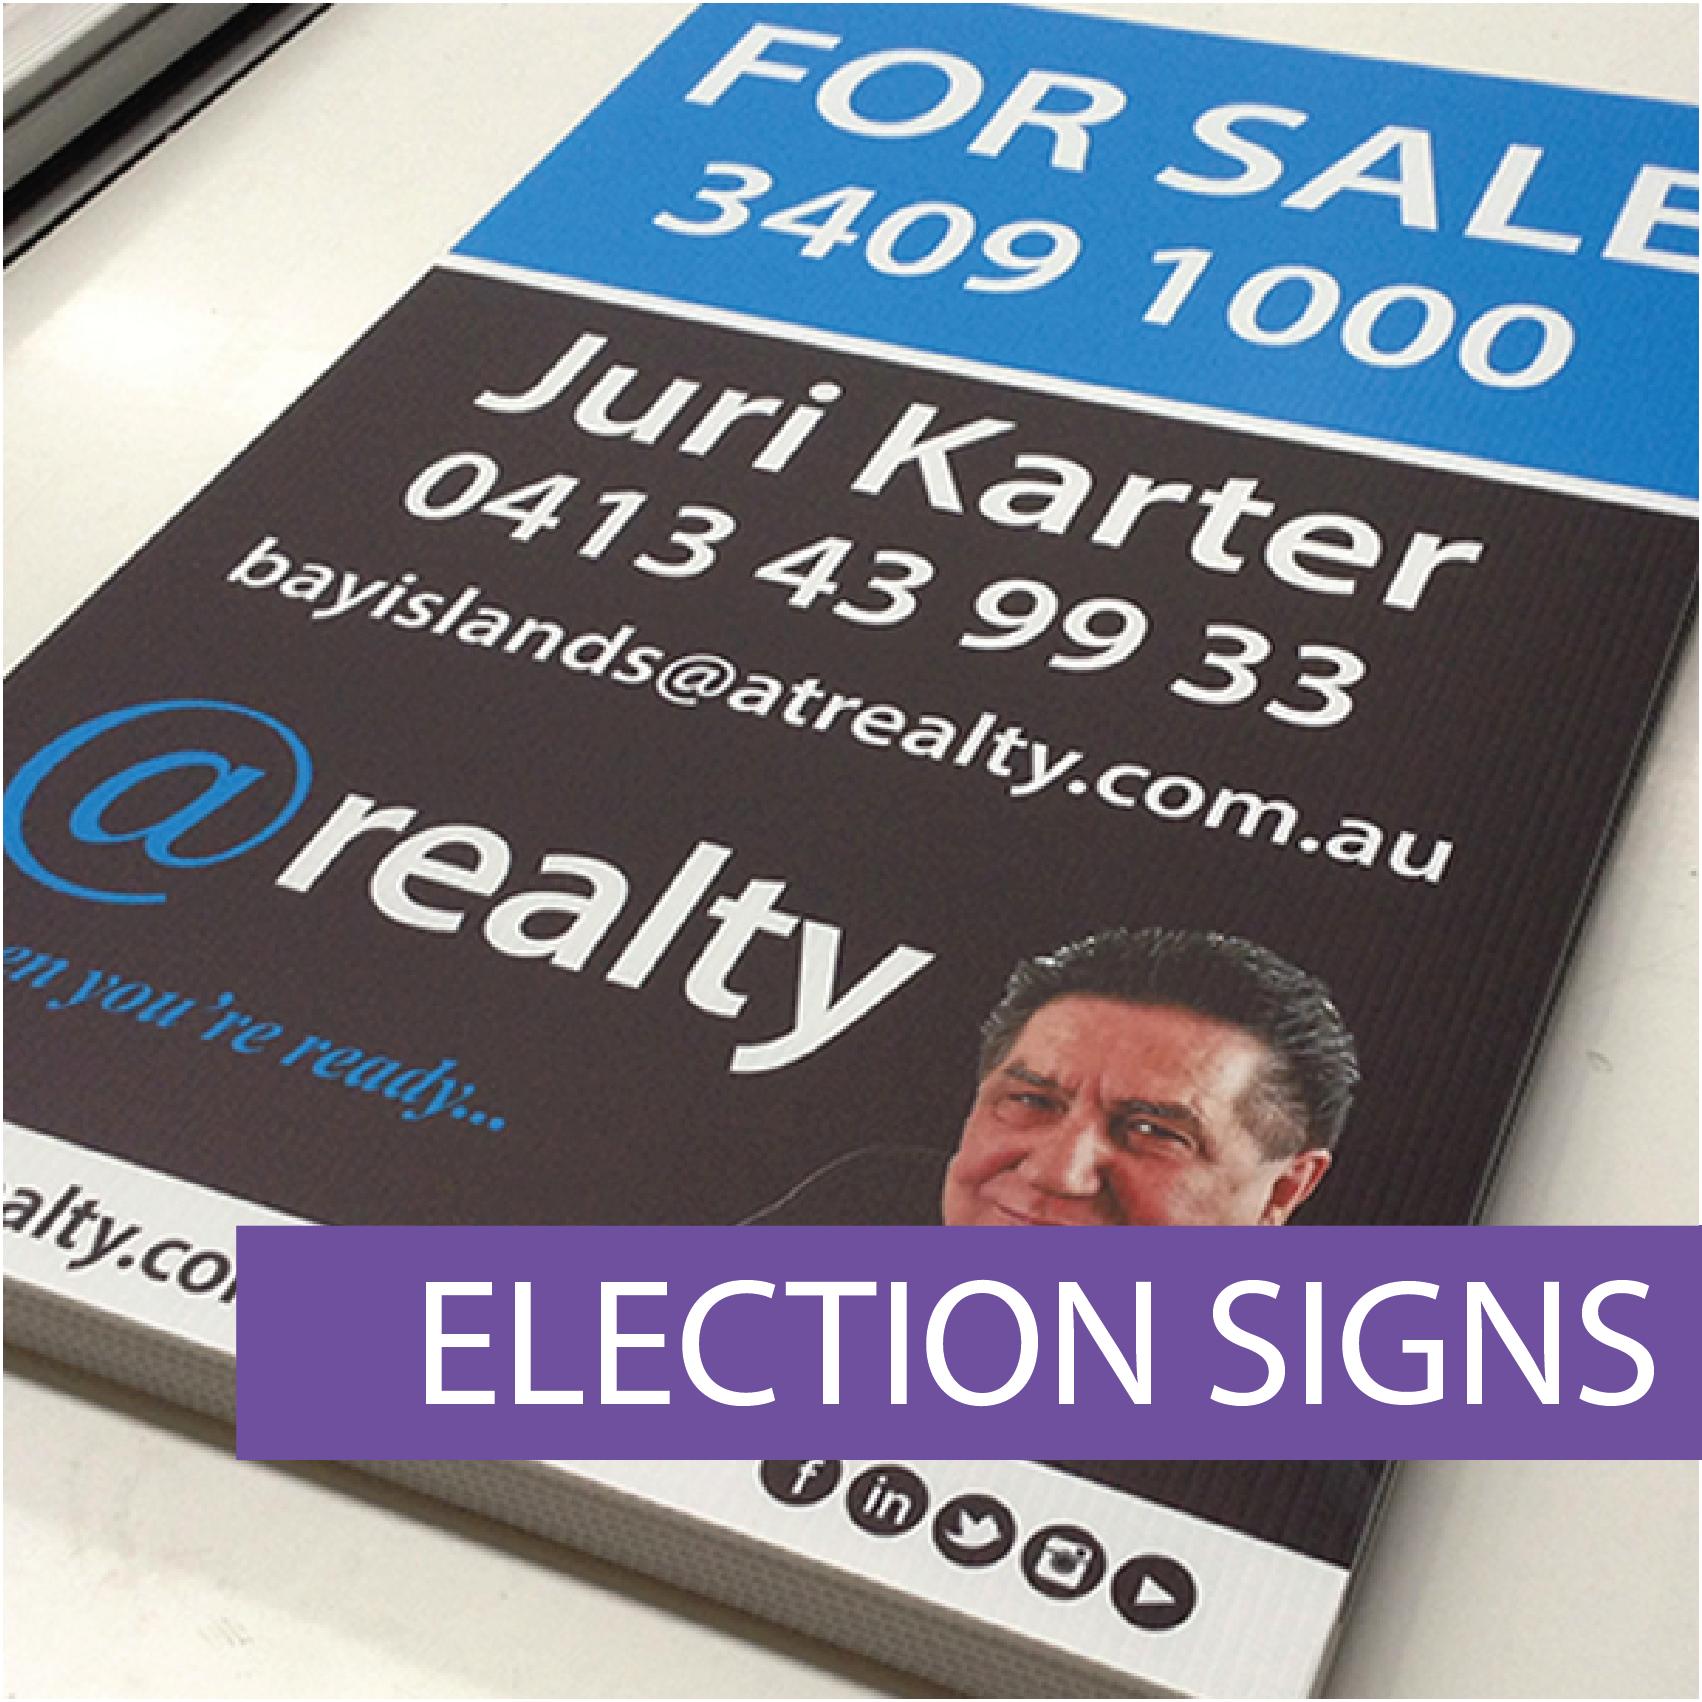 Electoral signs